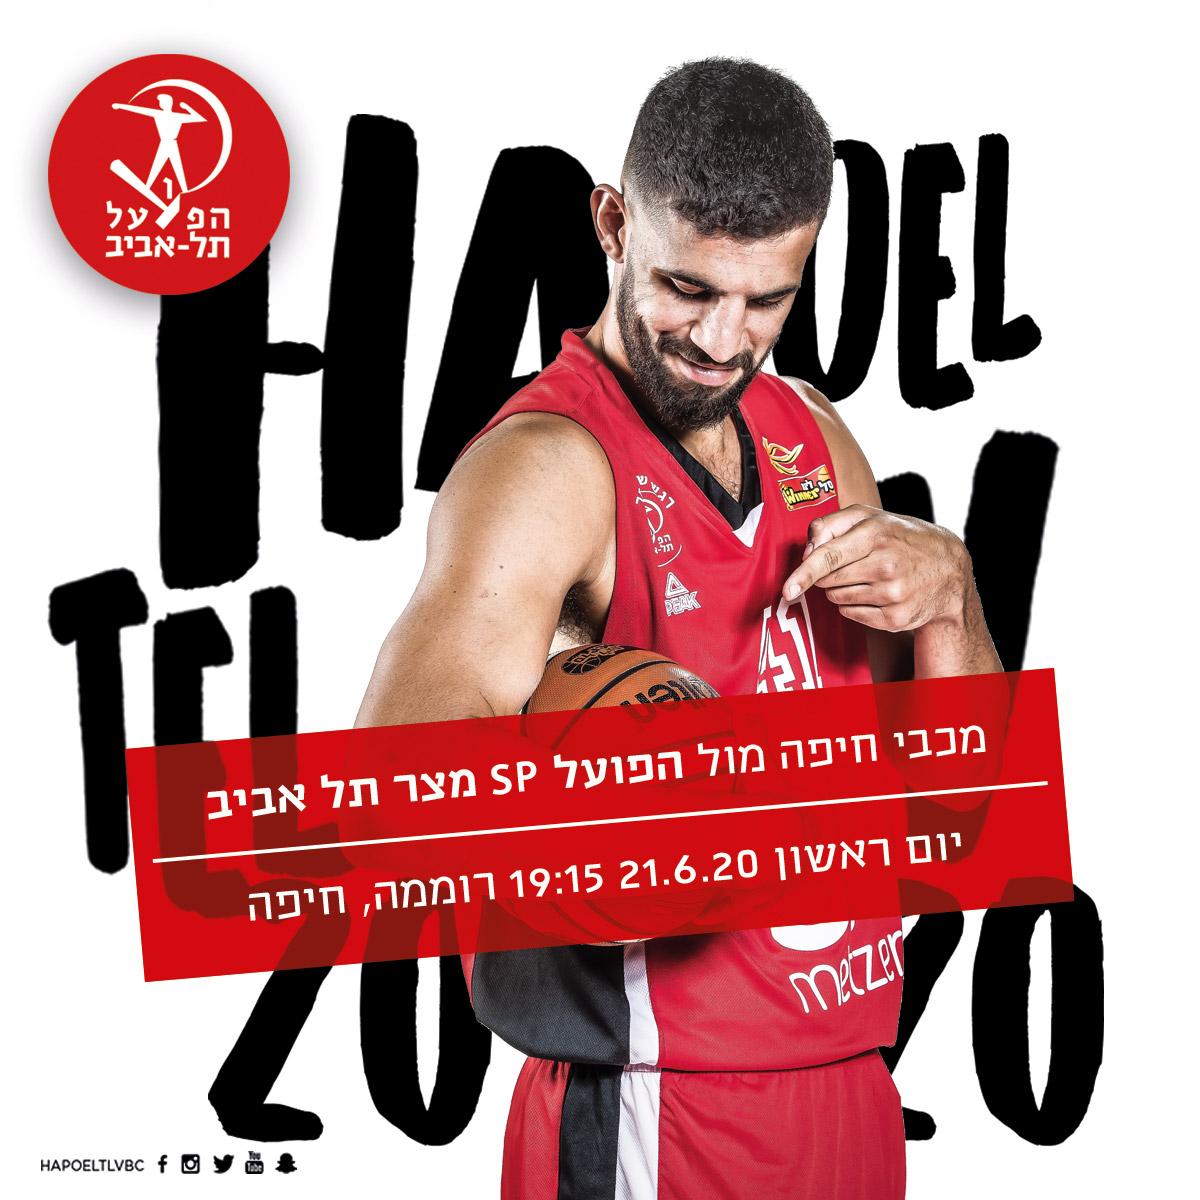 הליגה חוזרת: הפועל עולה לחיפה